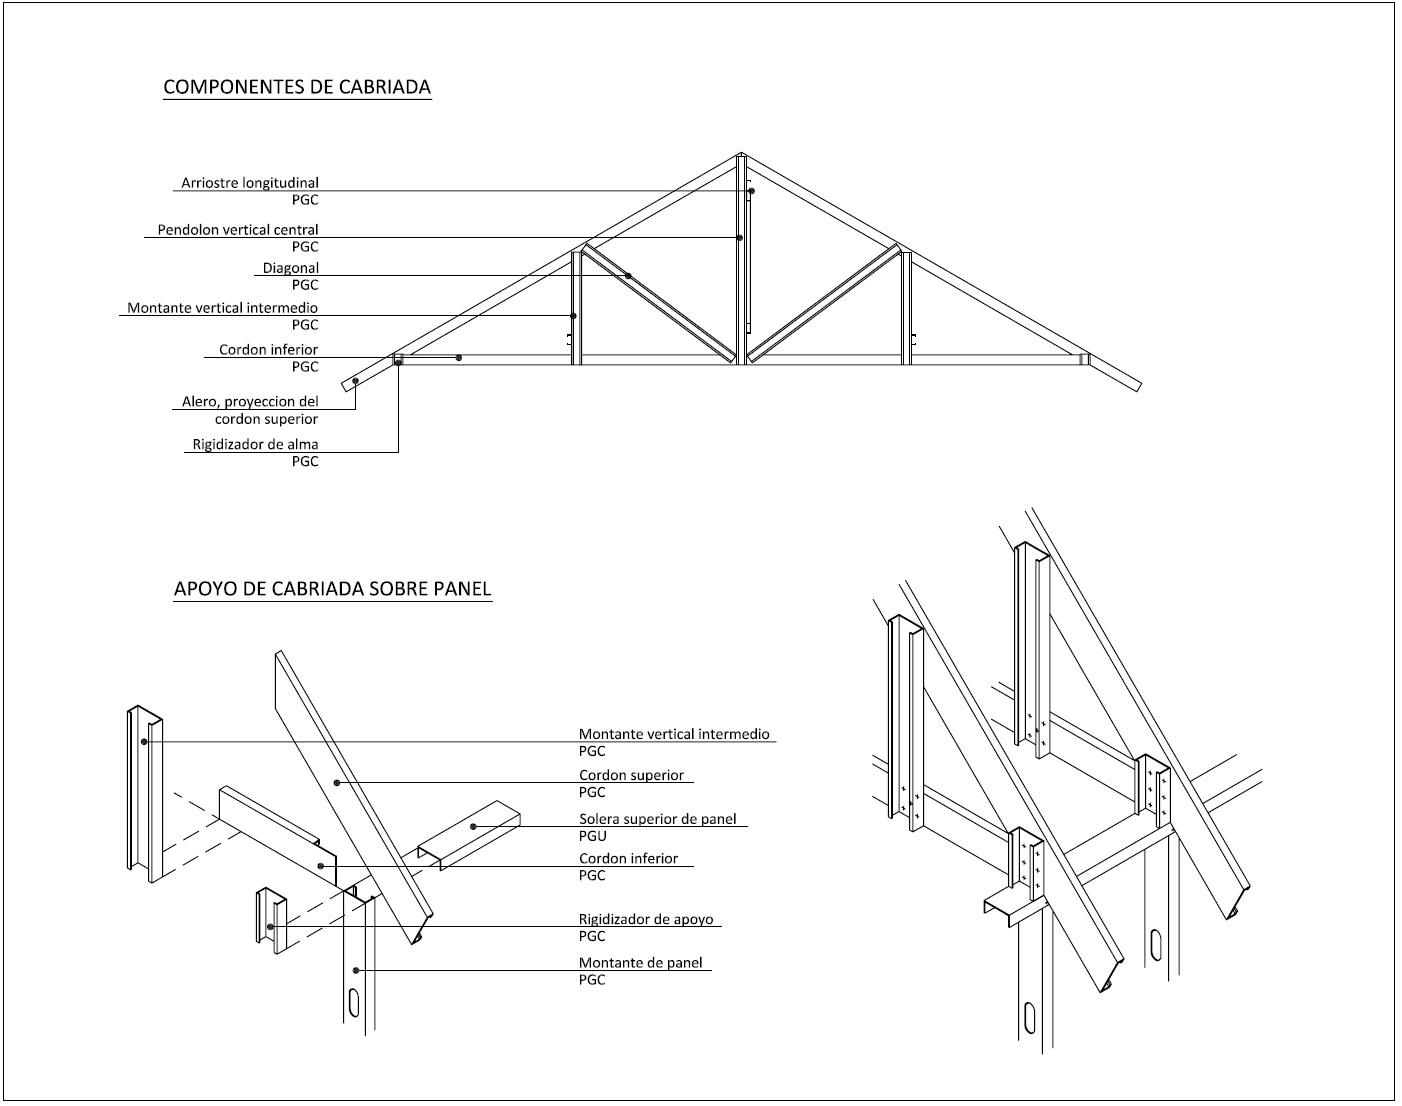 Detalles constructivos cad detalles constructivos steelframe - Forjado viguetas metalicas ...